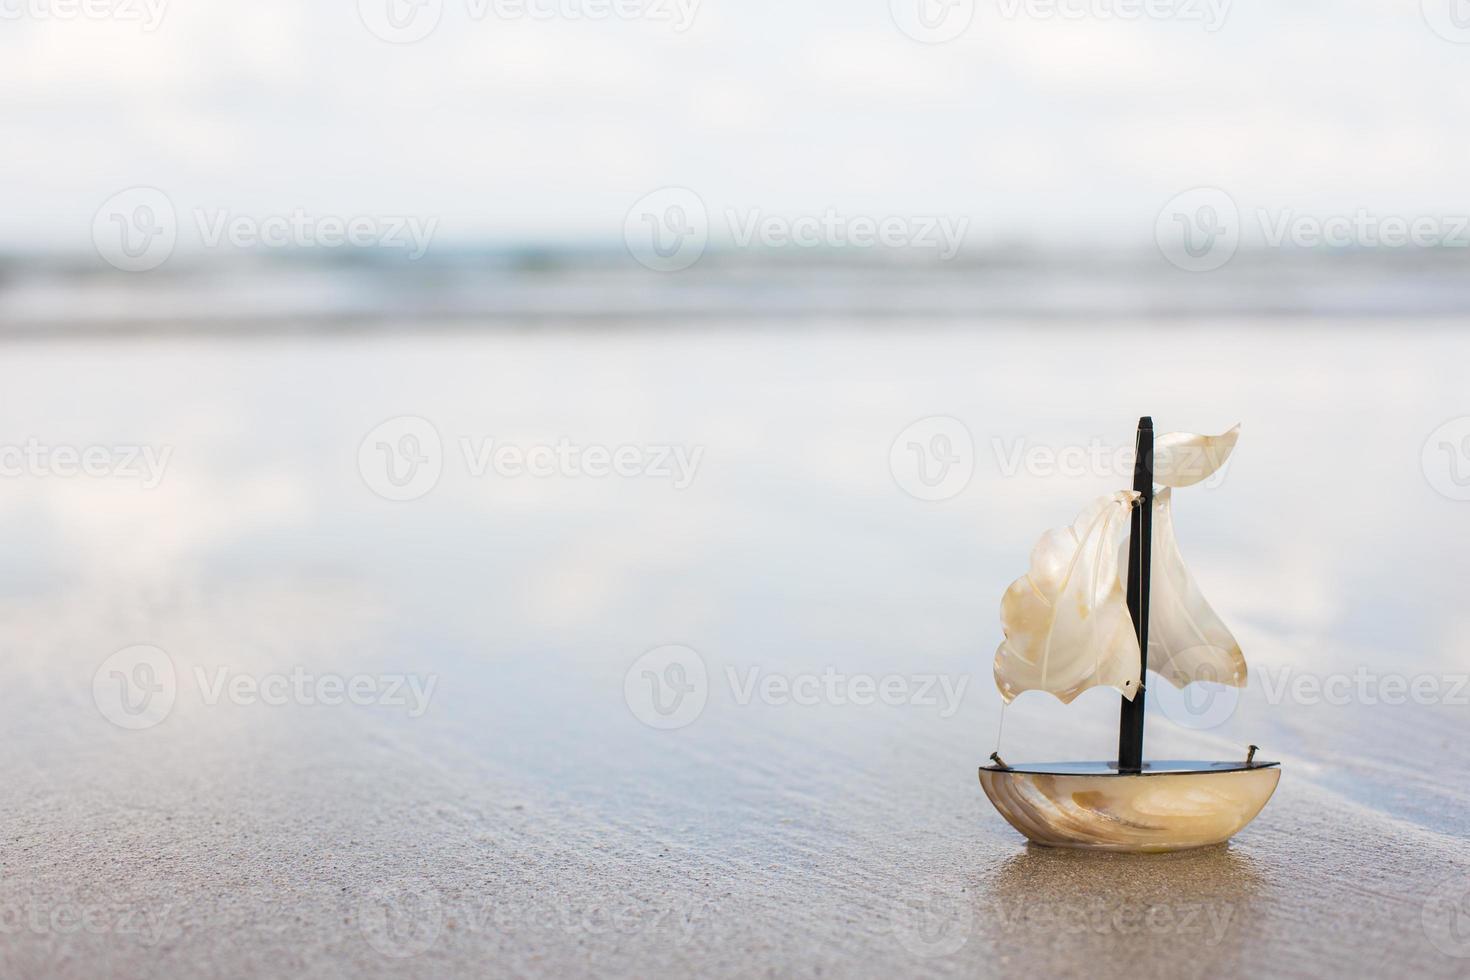 bateau à voile jouet à la plage photo